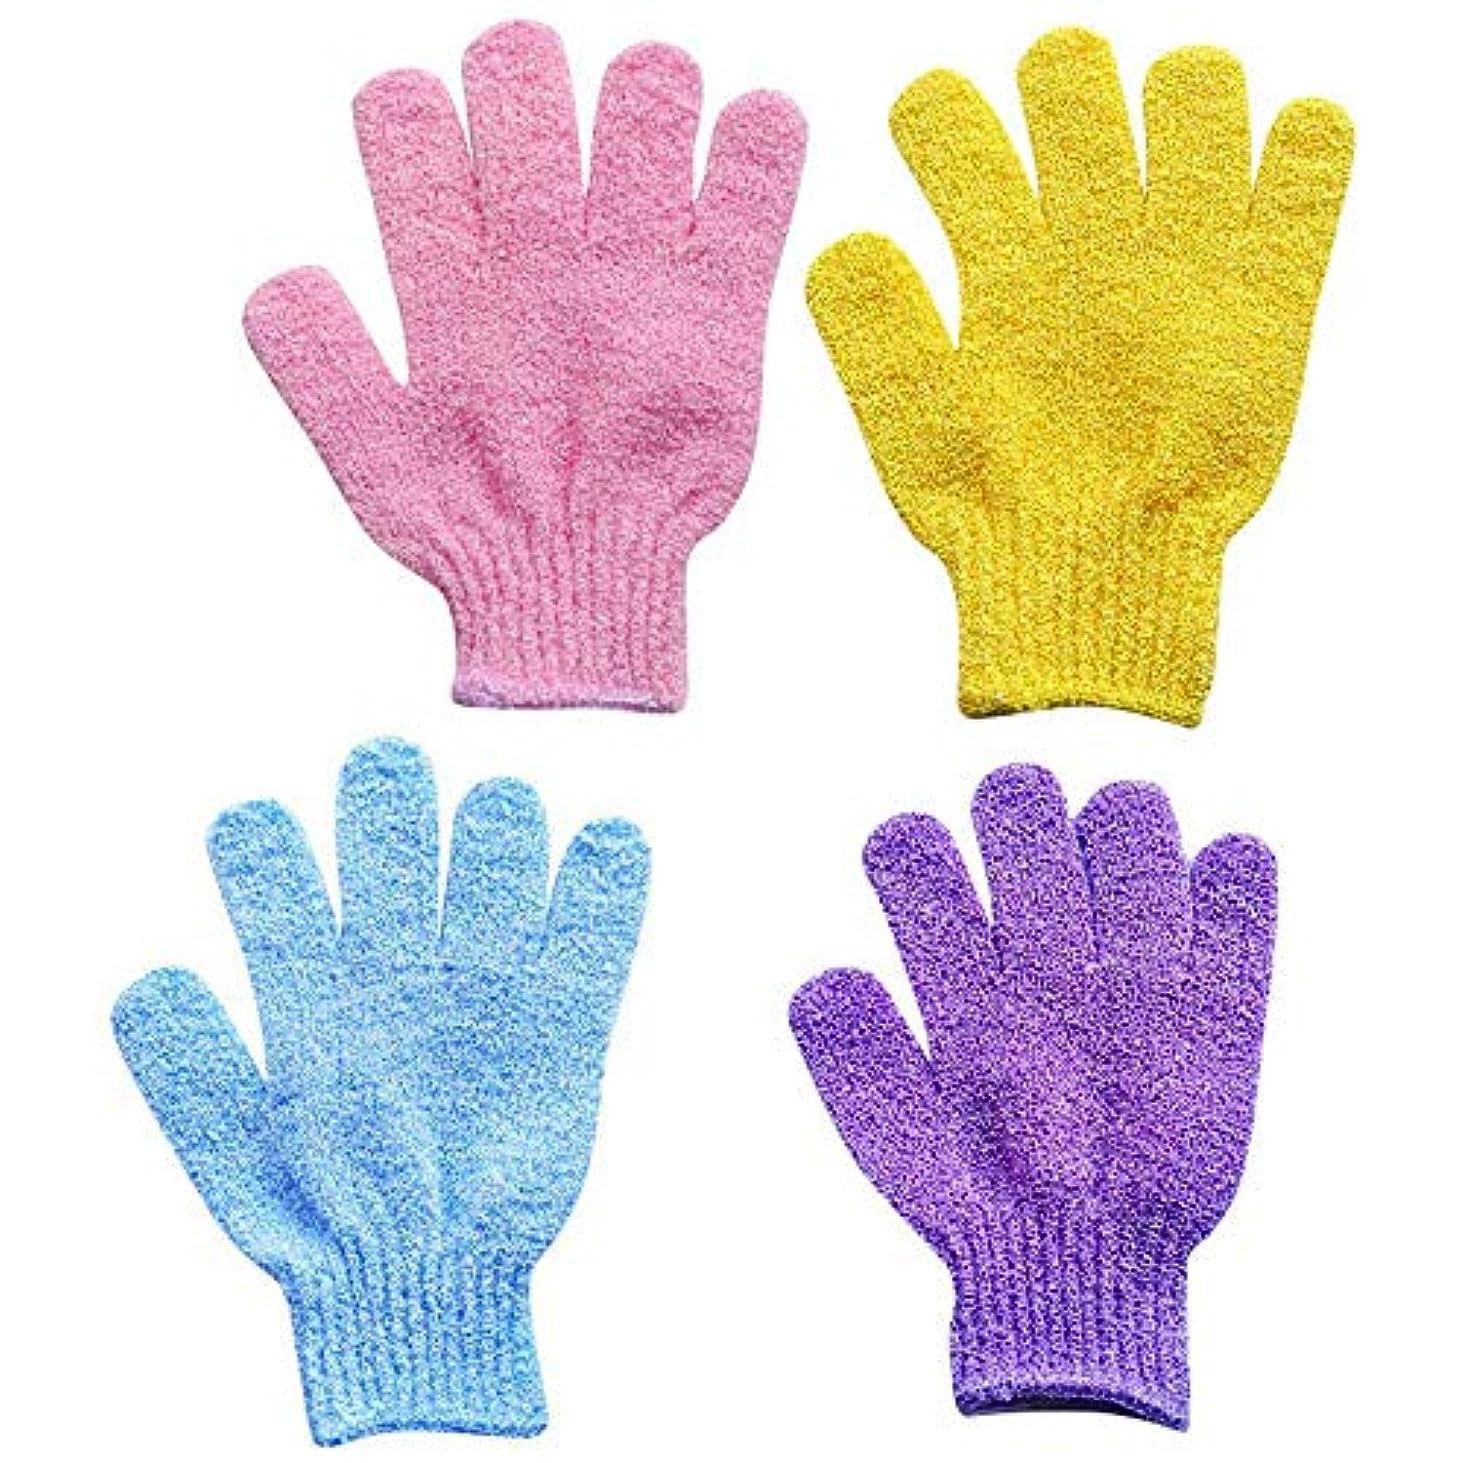 解読するアサートの頭の上8枚セット バス用品 垢すり手袋 五本指浴用手袋 ボディタオル 入浴用品